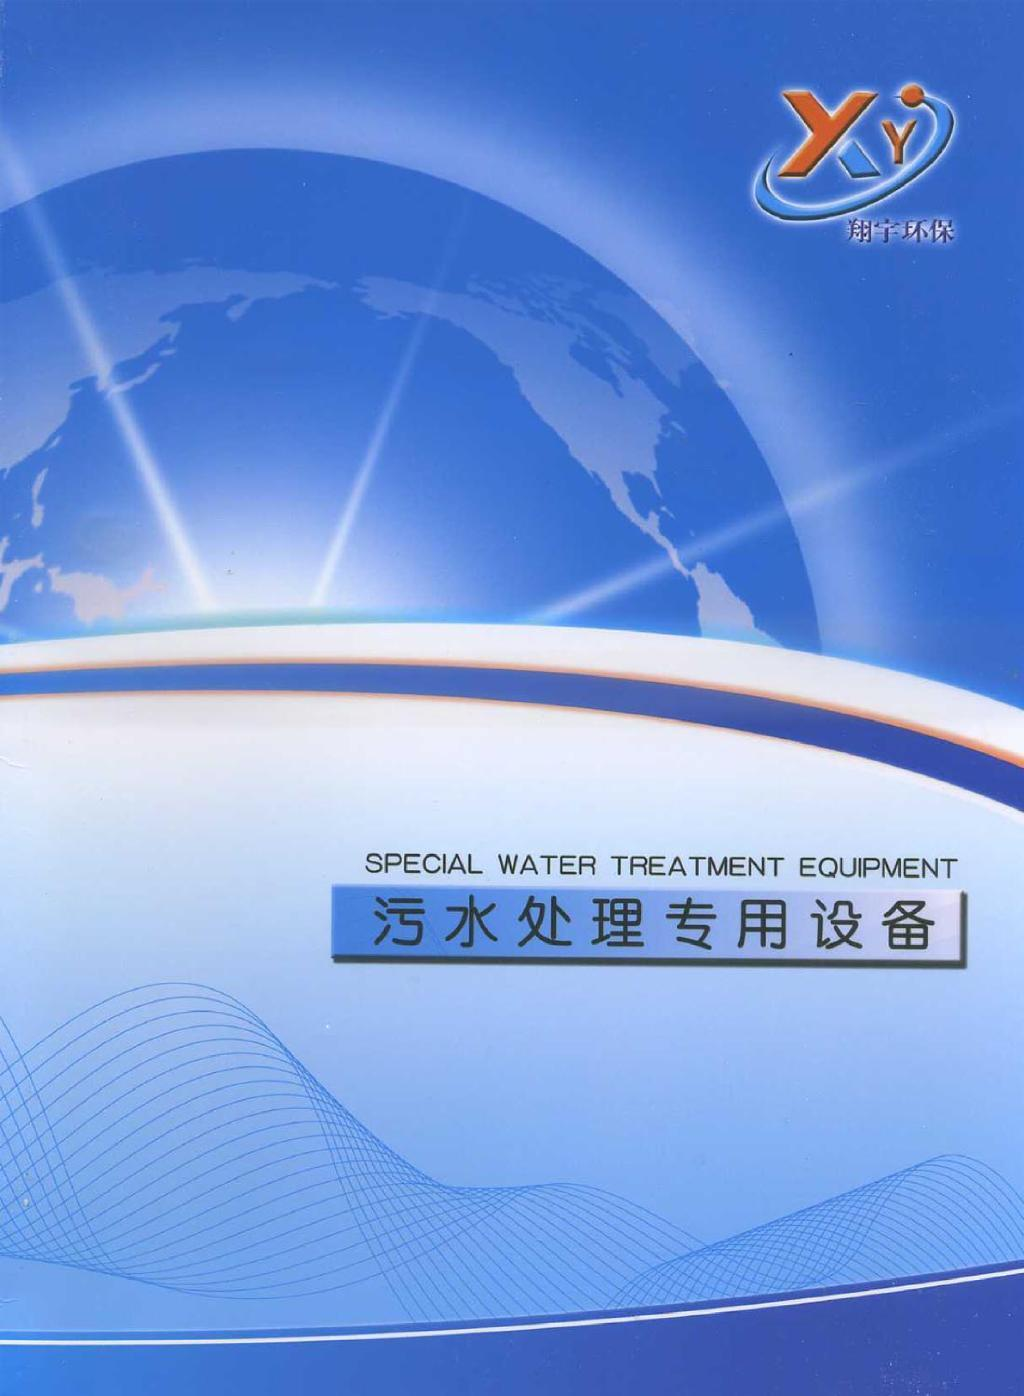 翔宇污水处理专用设备